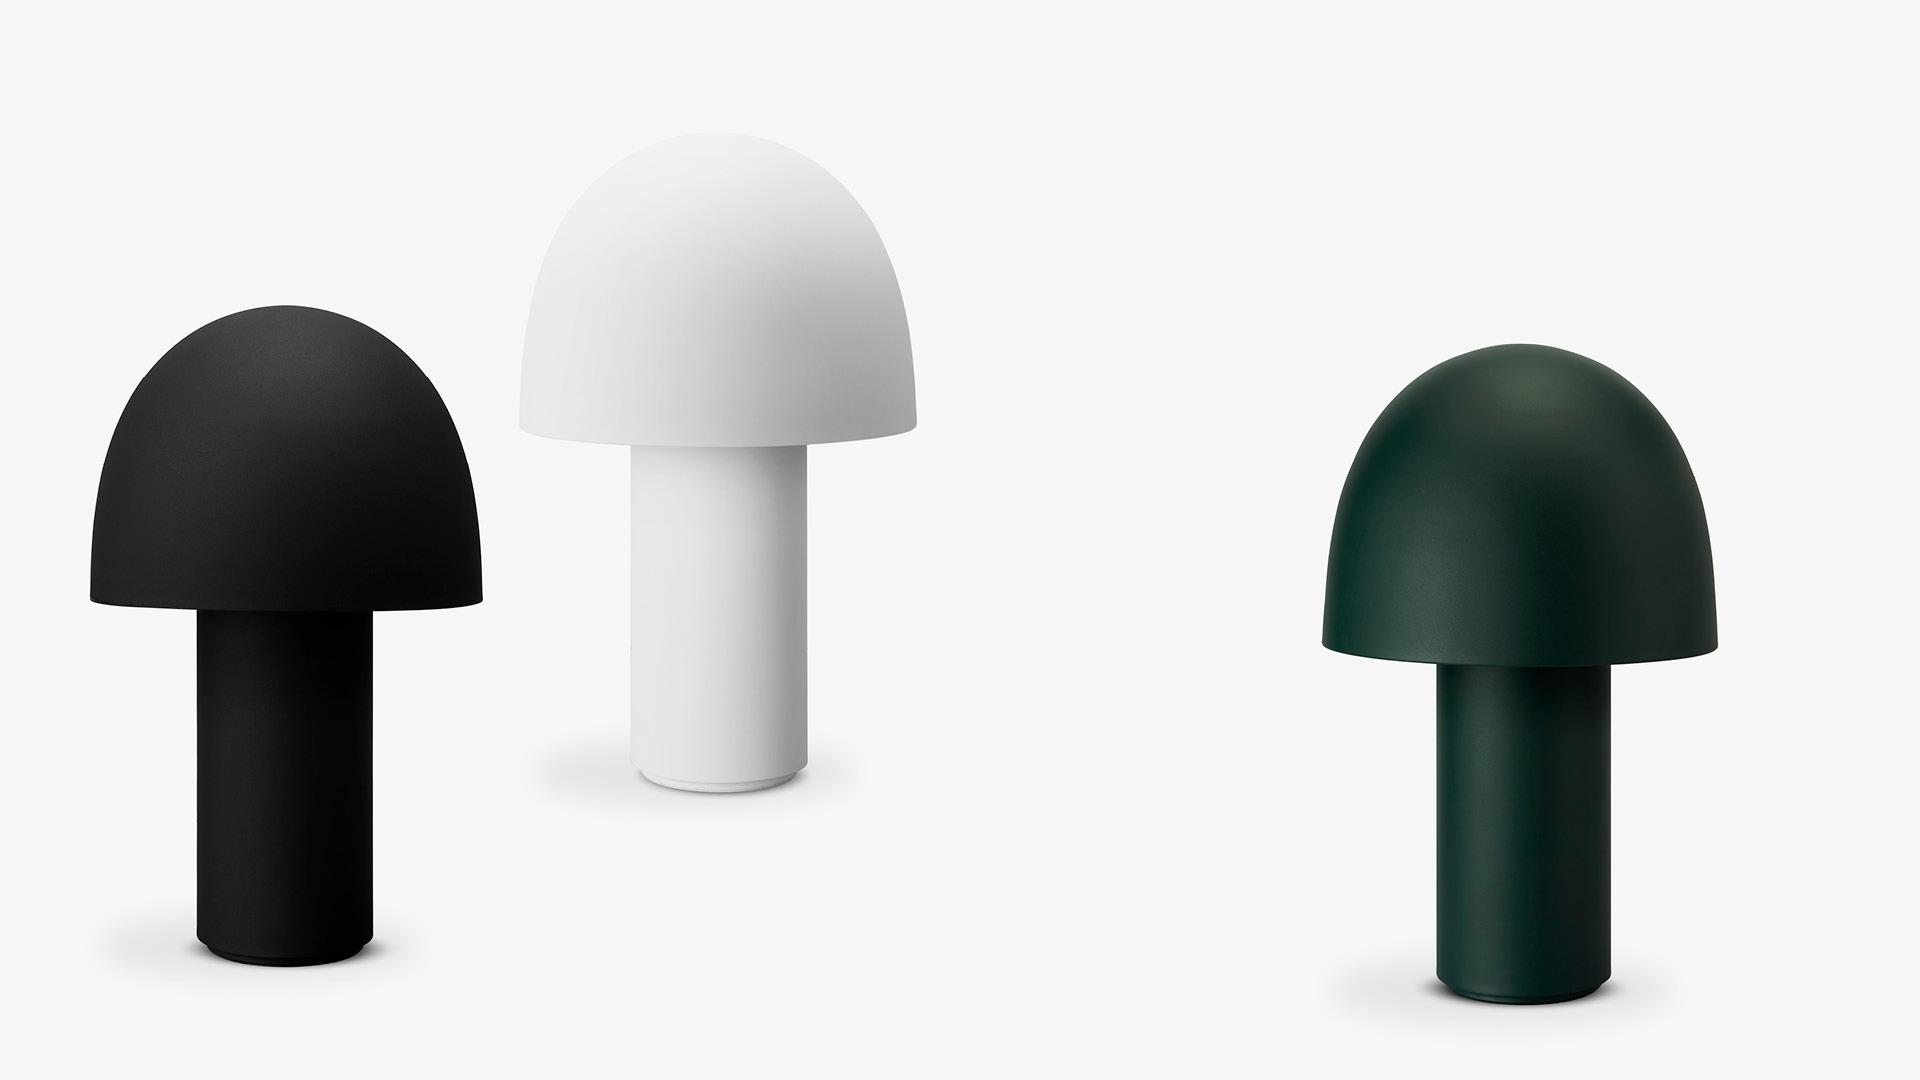 圆润造型,不露灯泡<br/>为居住与公共空间提供氛围照明